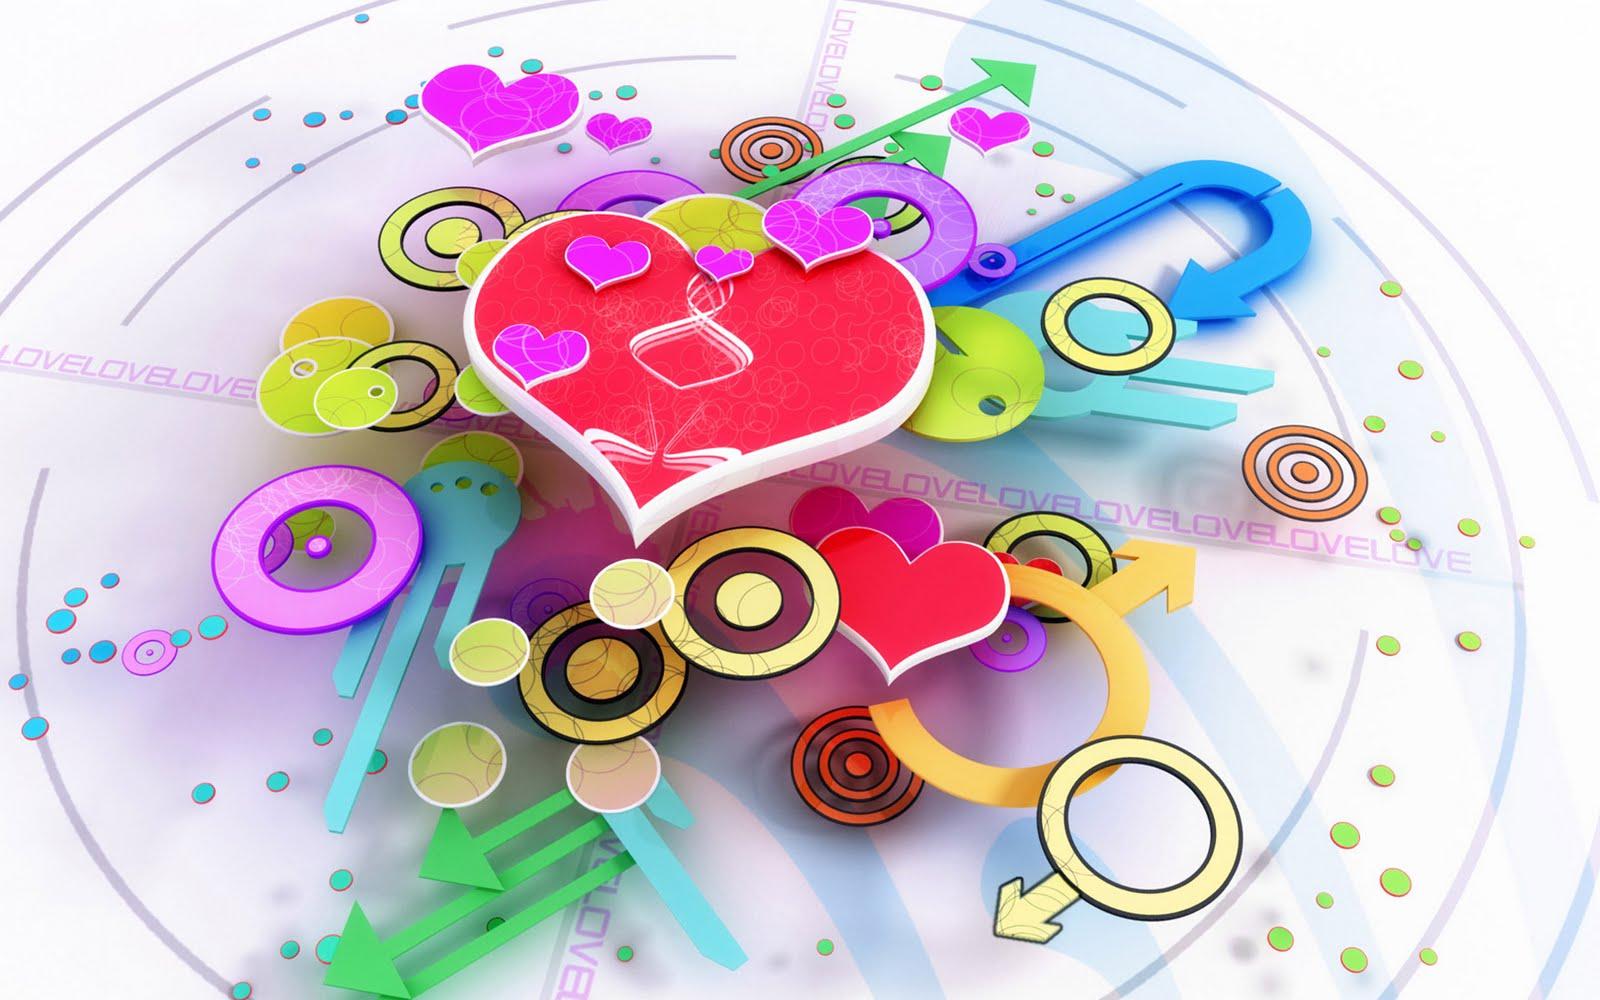 http://1.bp.blogspot.com/-M6hHE20DZ78/Tcu-mkr3MZI/AAAAAAAACKE/_jRz9Vlphh0/s1600/abstract-3d-wallpaper-40.jpg